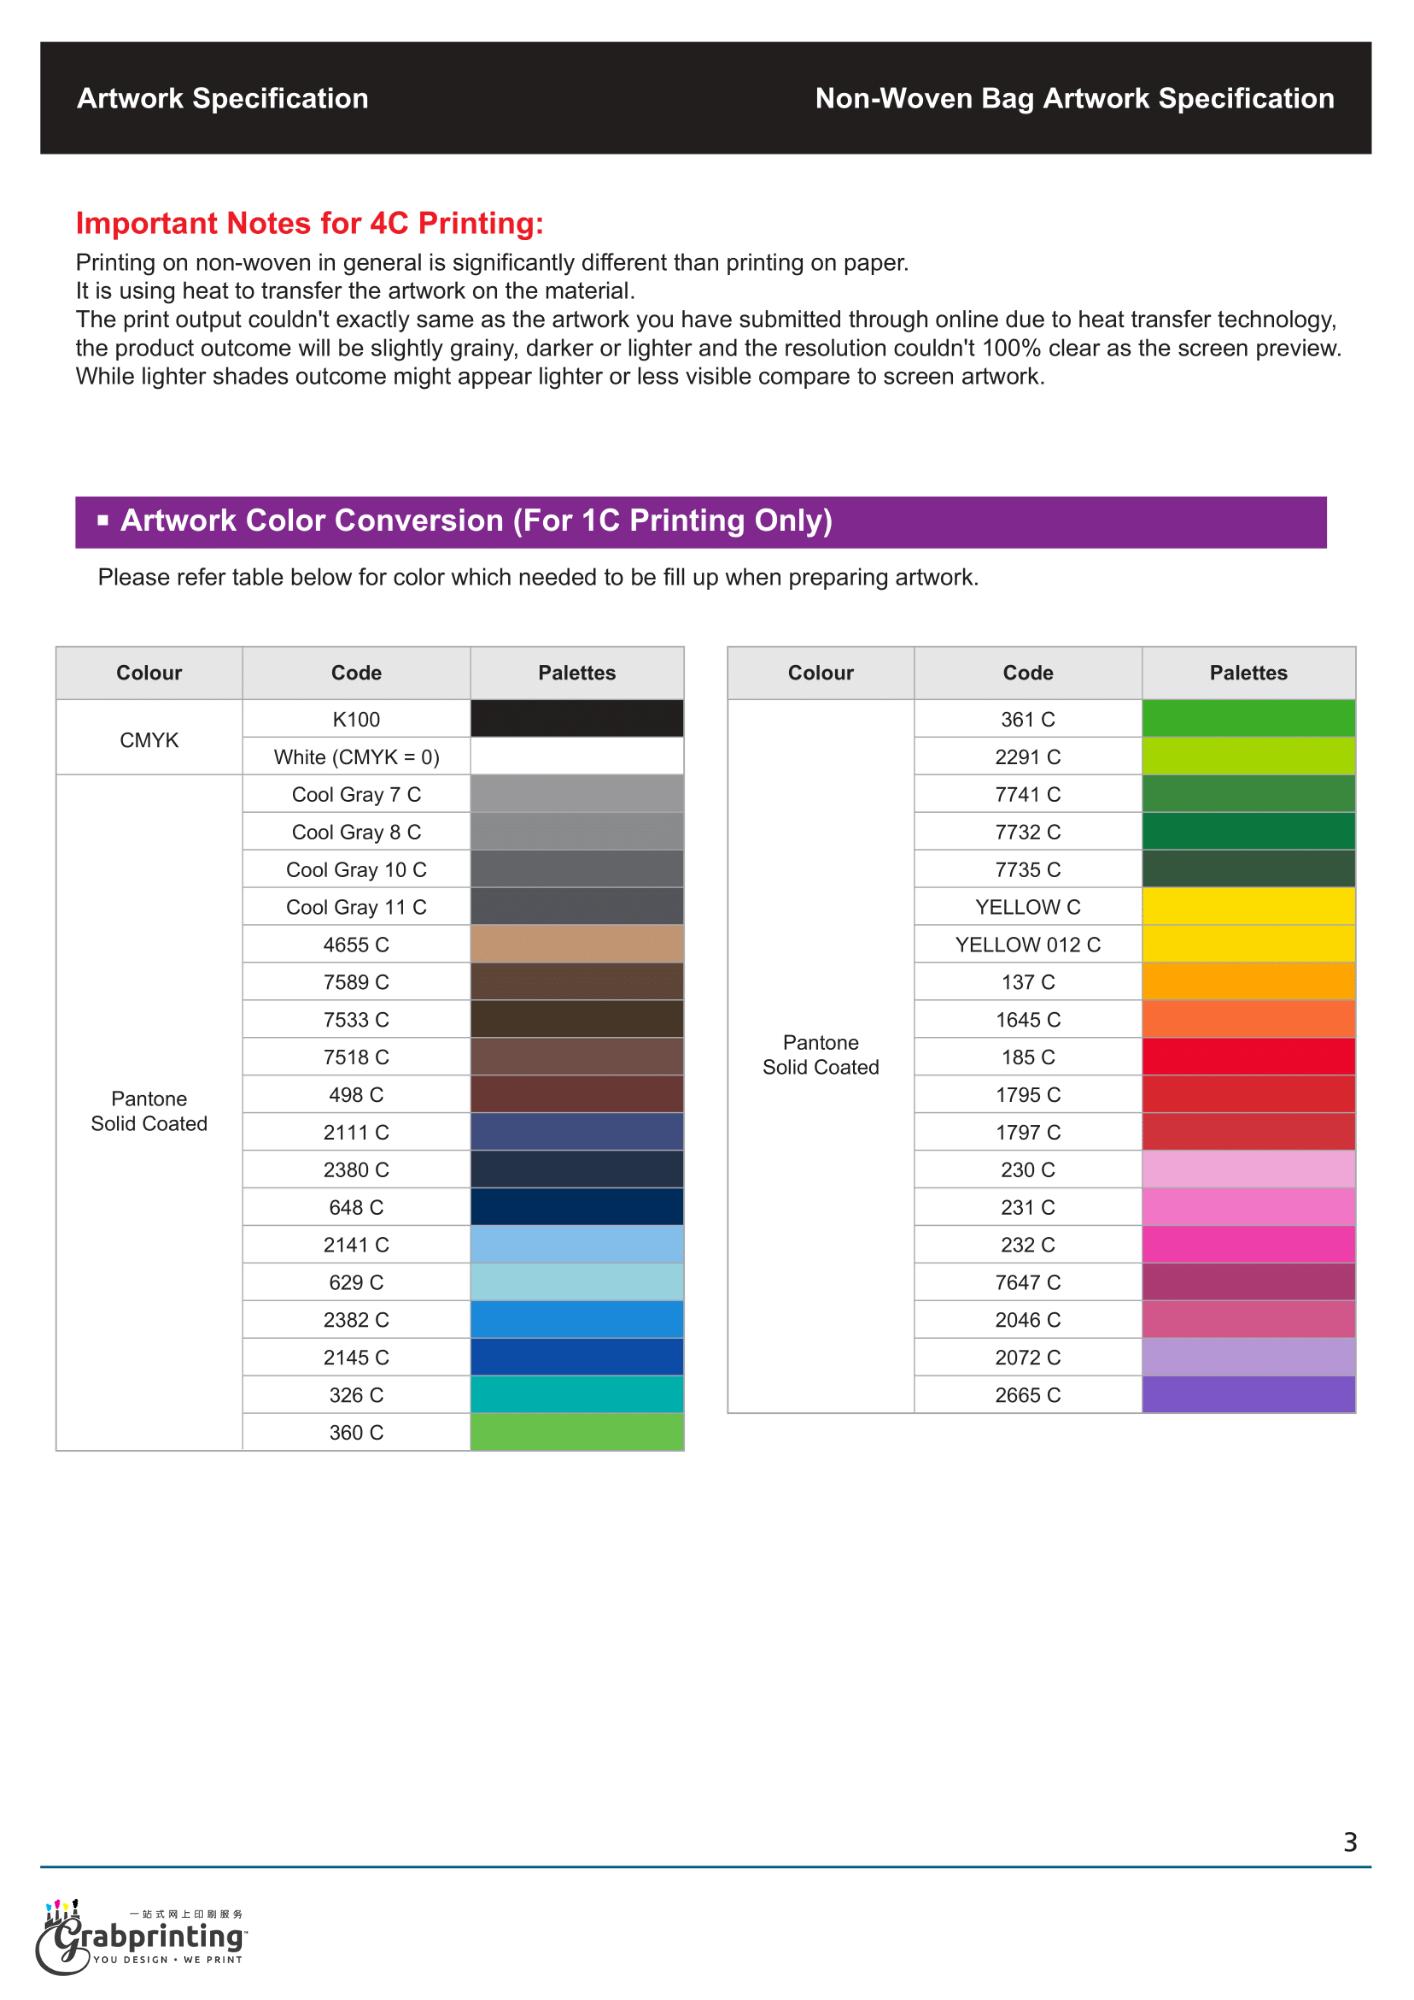 Non Woven Bag Printing Non Woven Bag Printing Artwork Guide 3